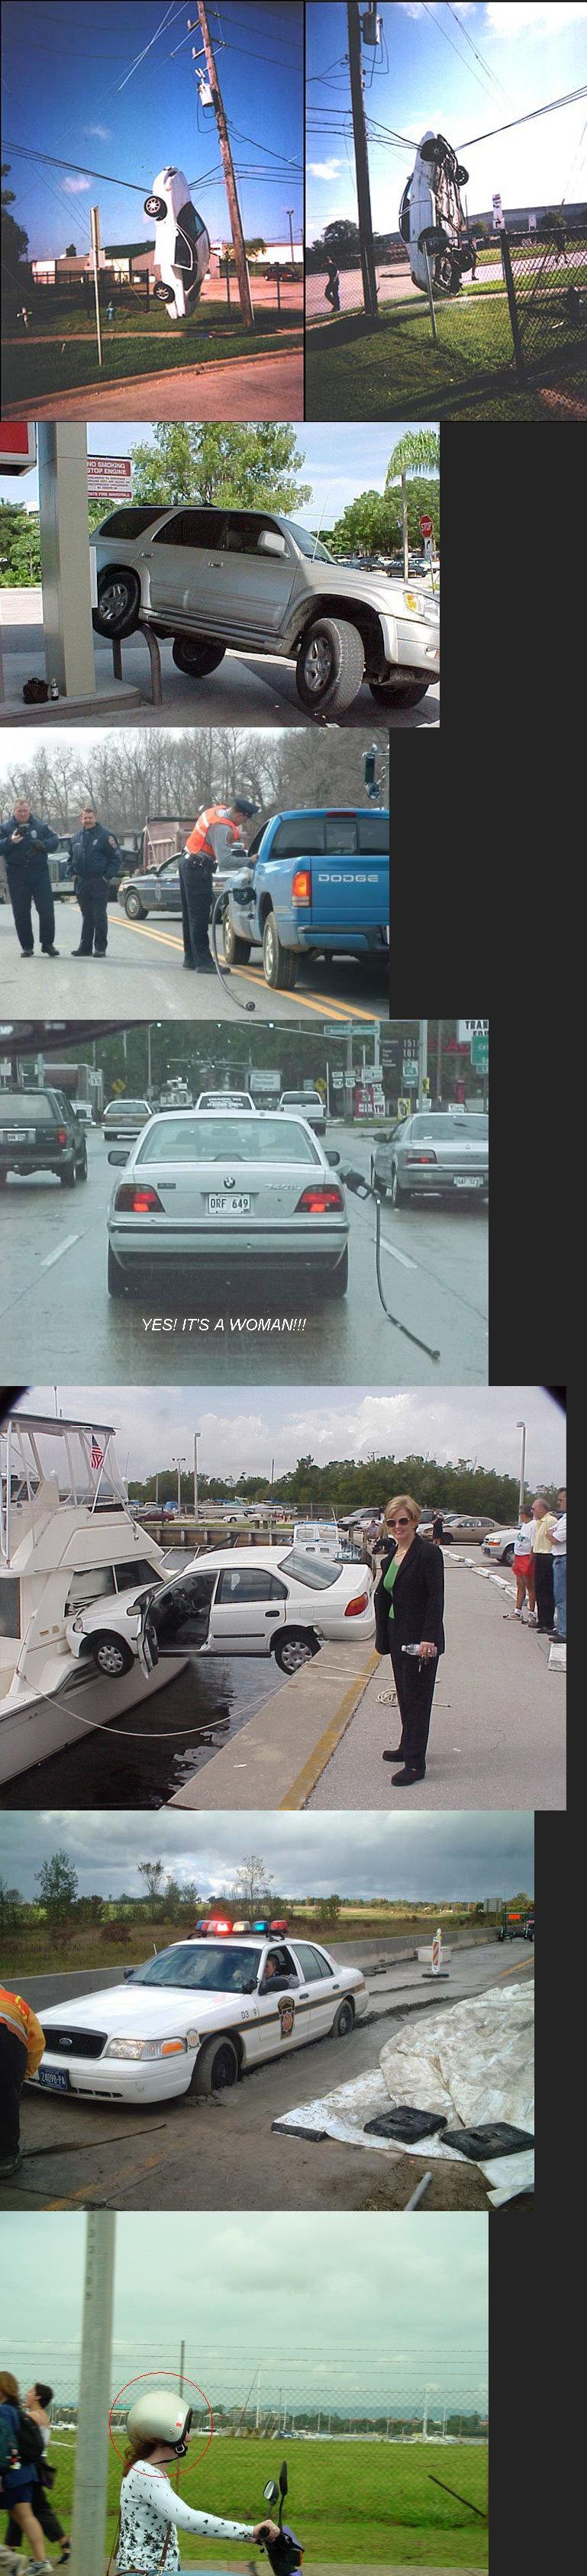 Women Drivers. Definitely women drivers. And no I am not sexist it is just a joke... last one i was liek HURRRR DURRRR